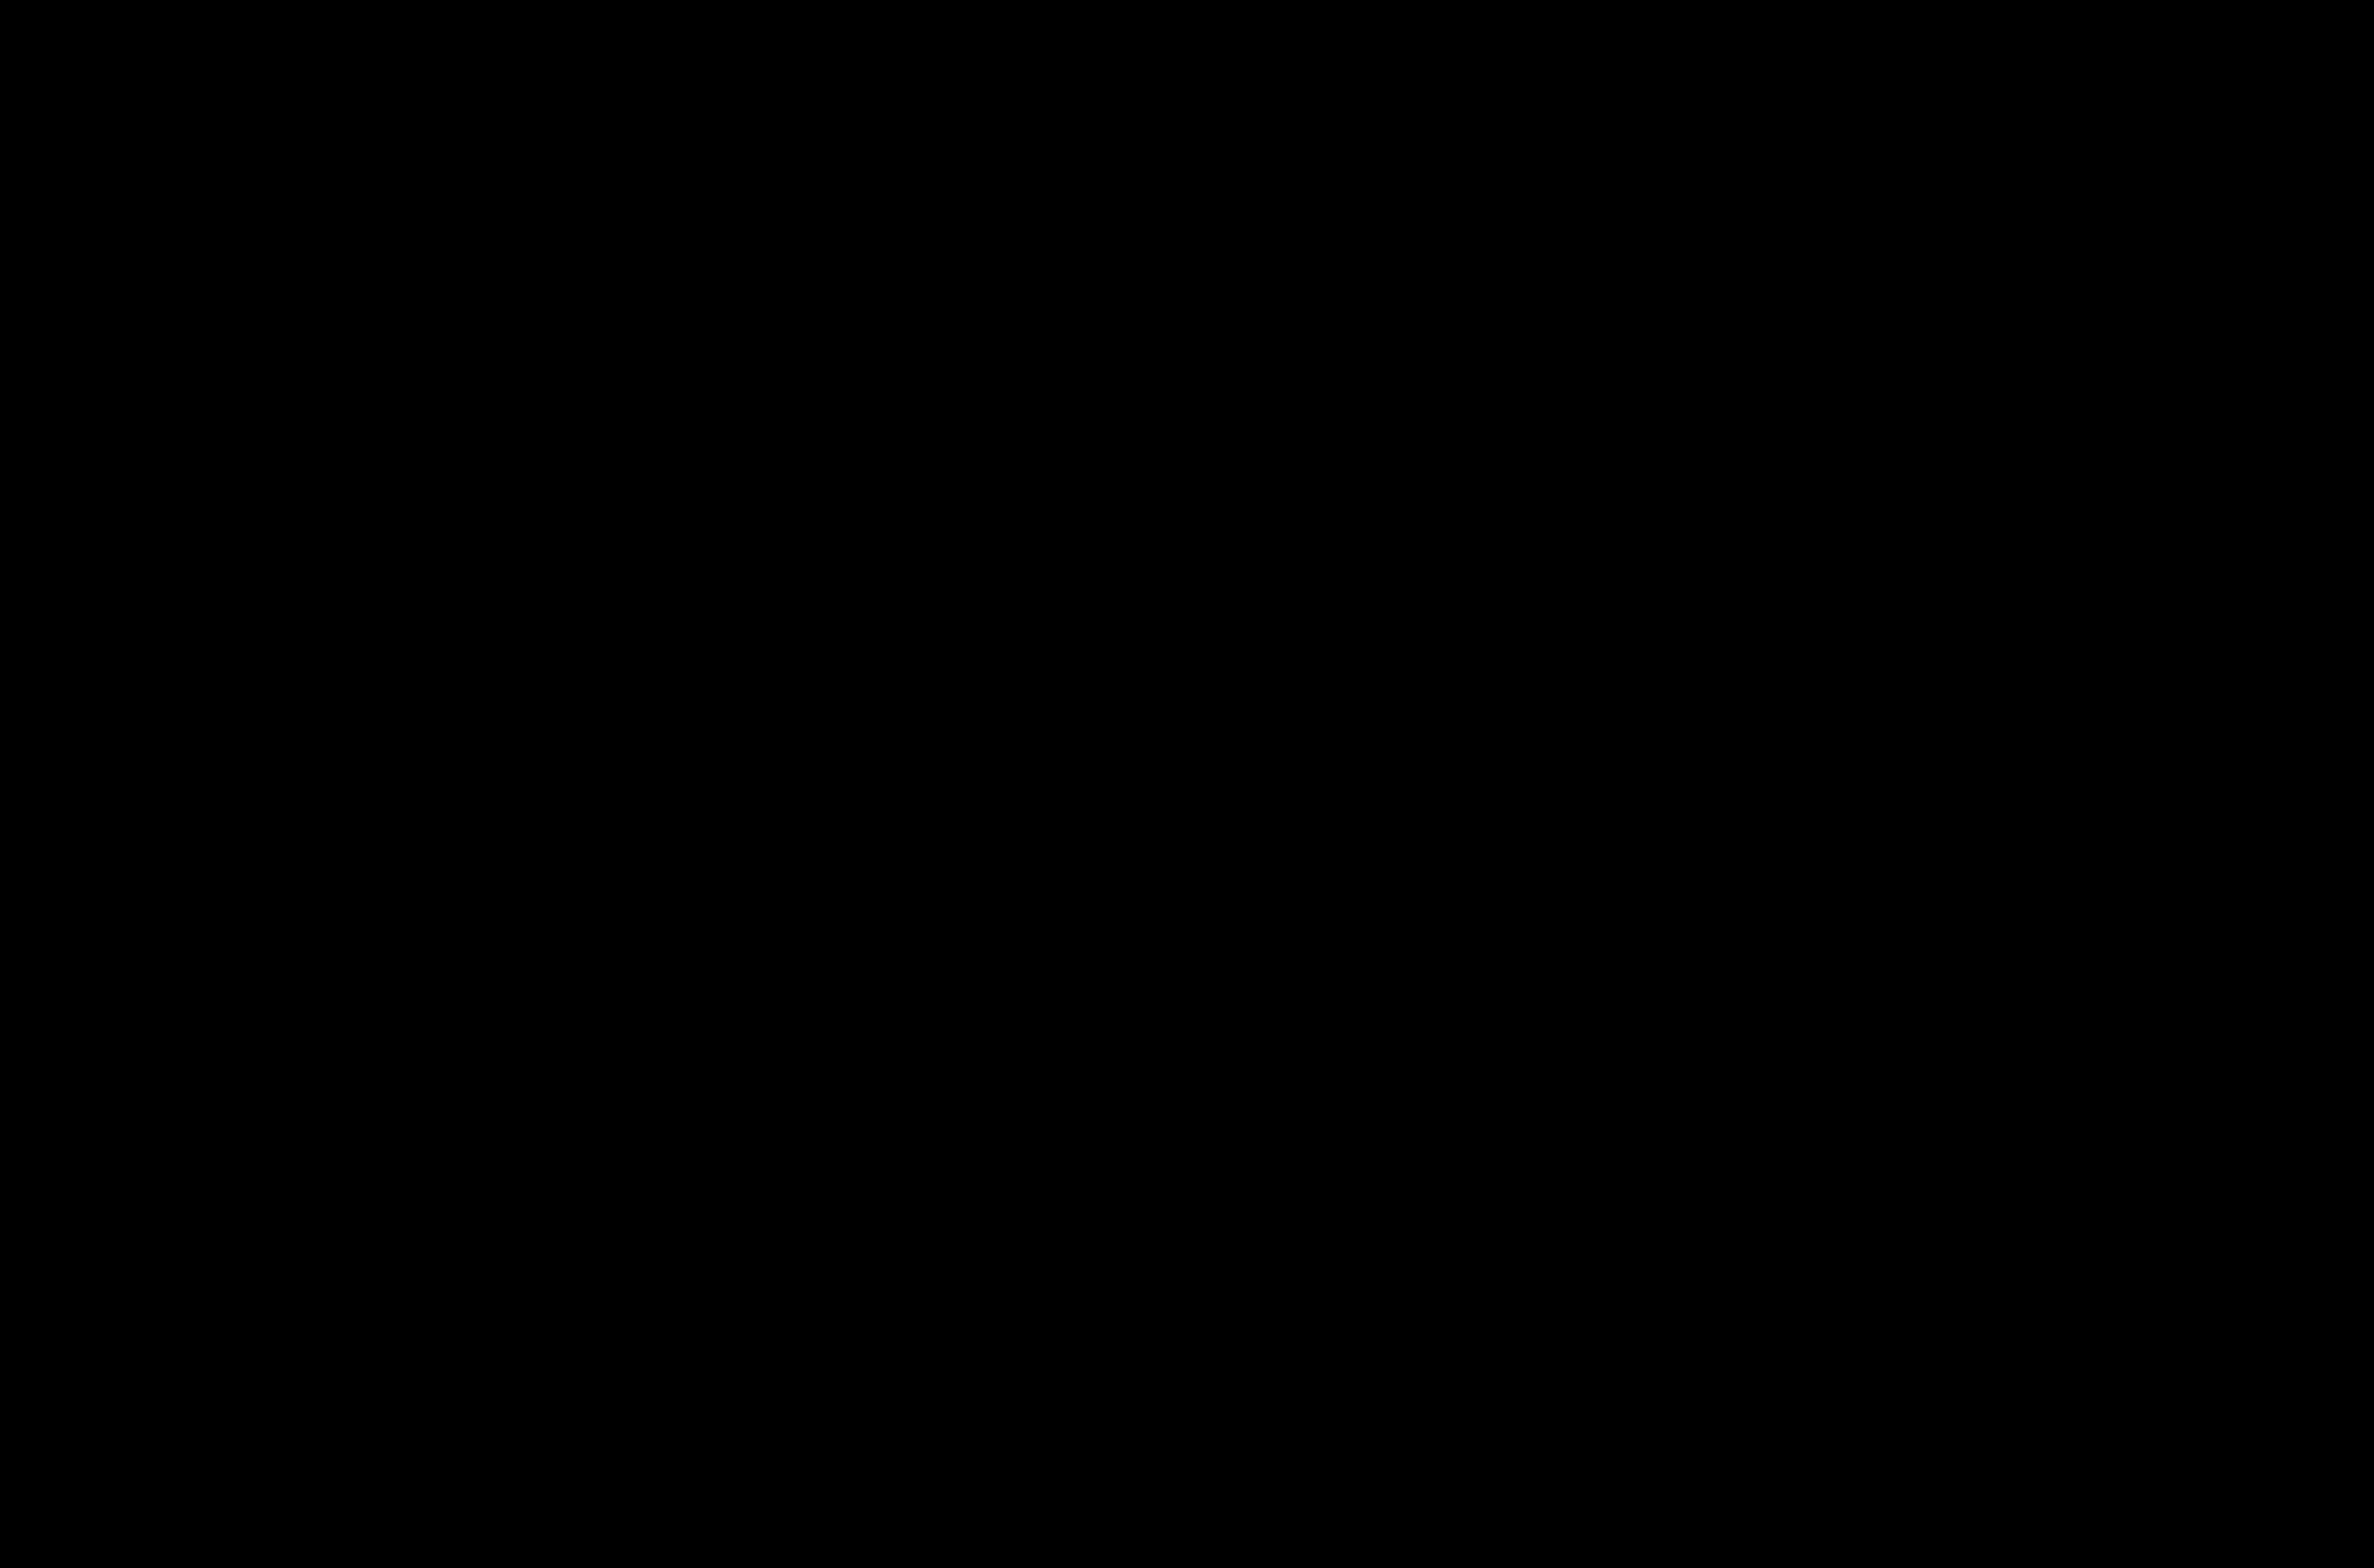 mapa de las zonas rurales Leader